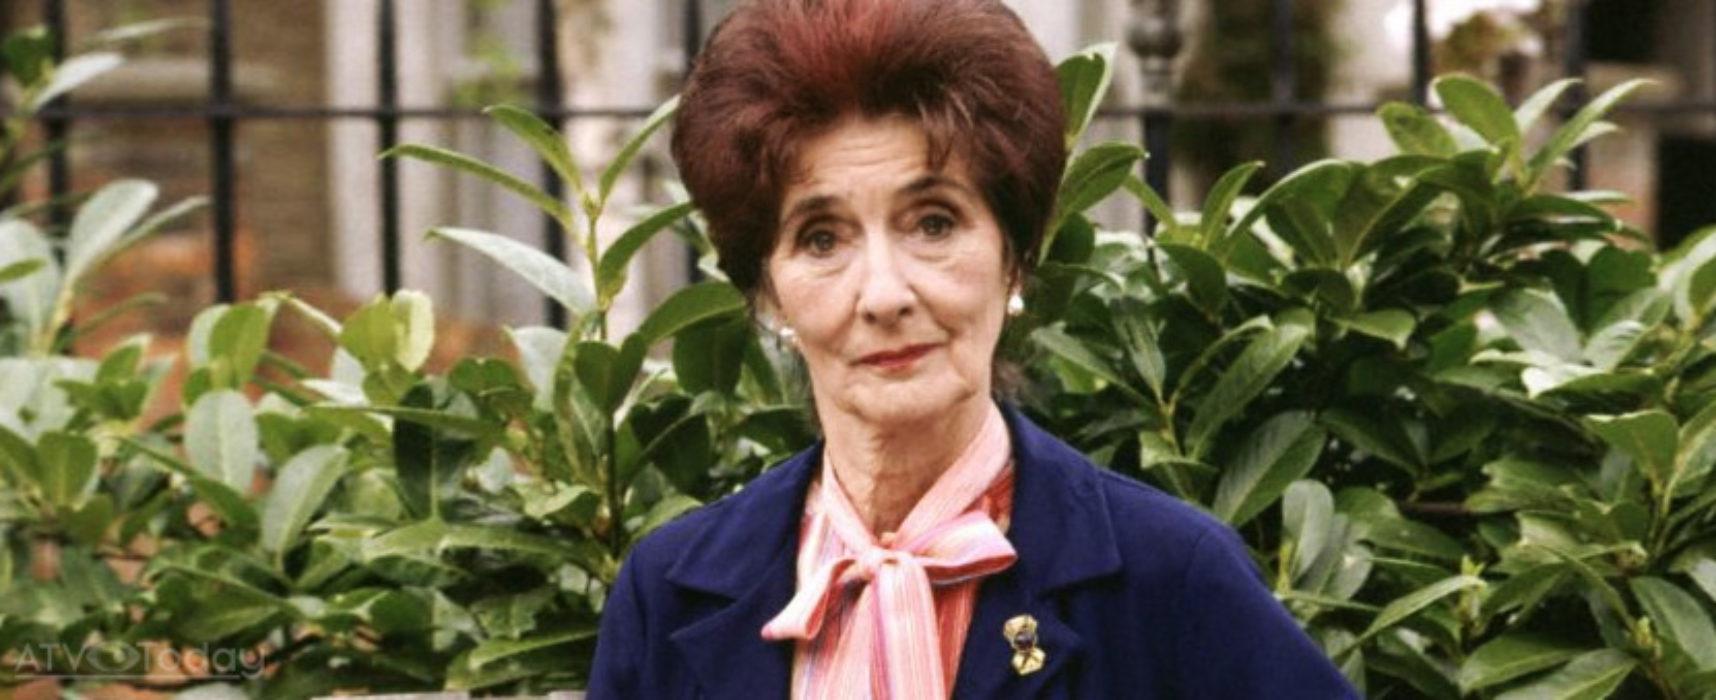 June Brown quits EastEnders